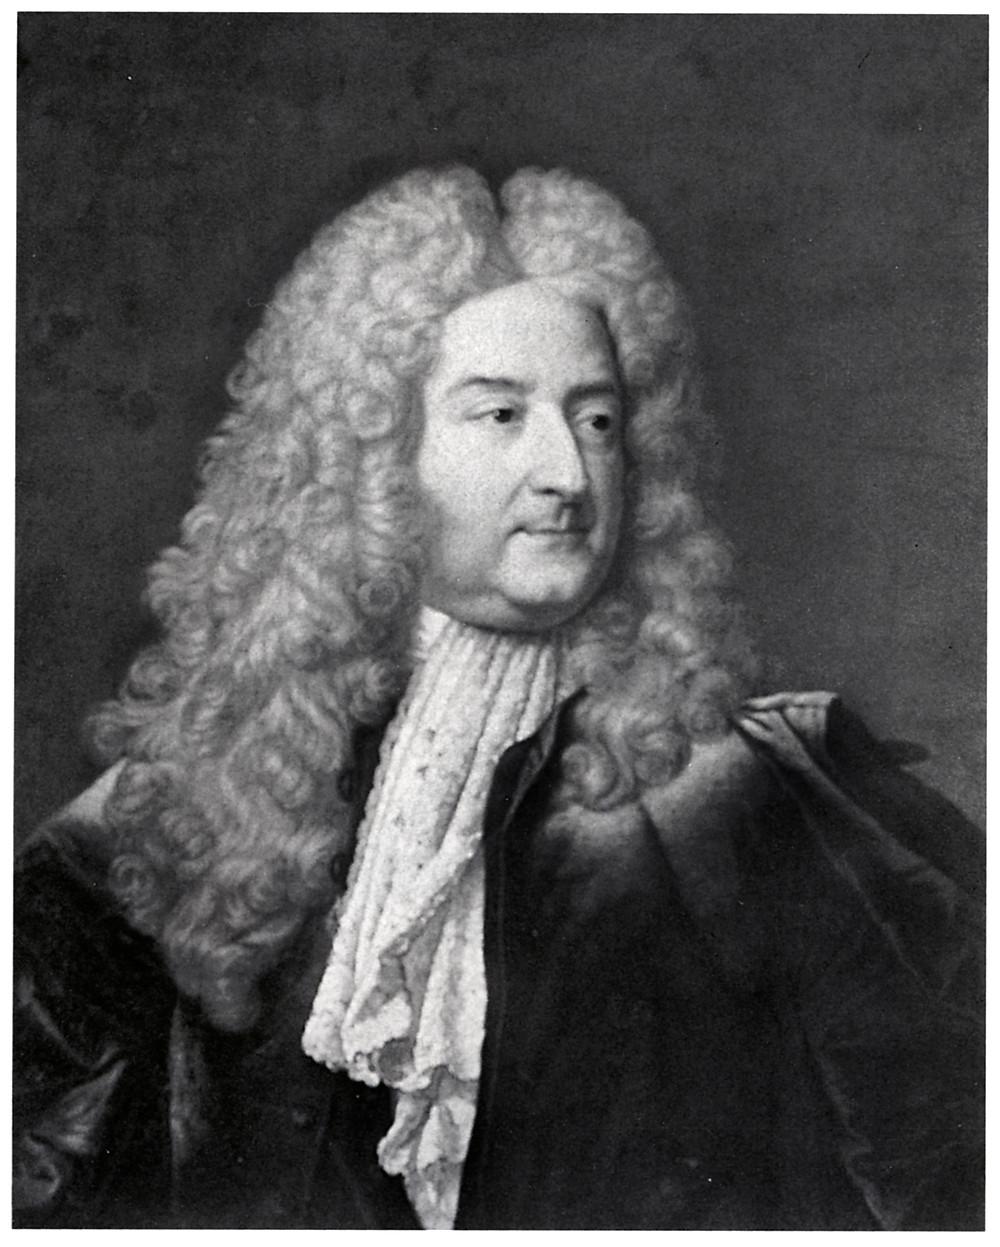 Anonyme d'après Hyacinthe Rigaud, Portrait de Michel Robert Le Peletier des Forts, après 1727, collection particulière